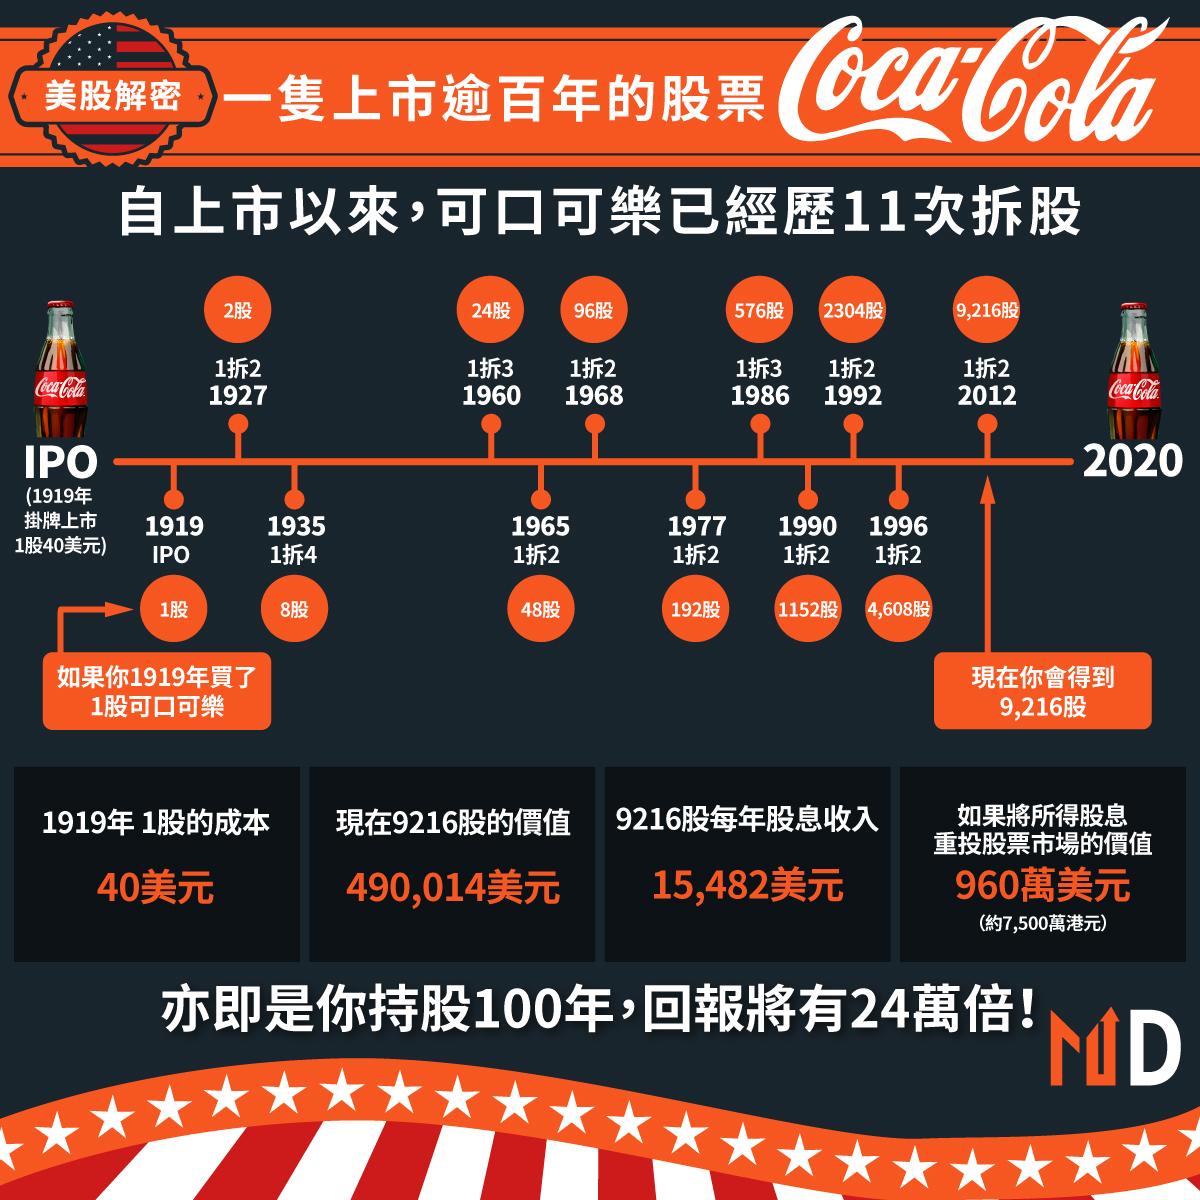 可口可樂經歷過11次拆股